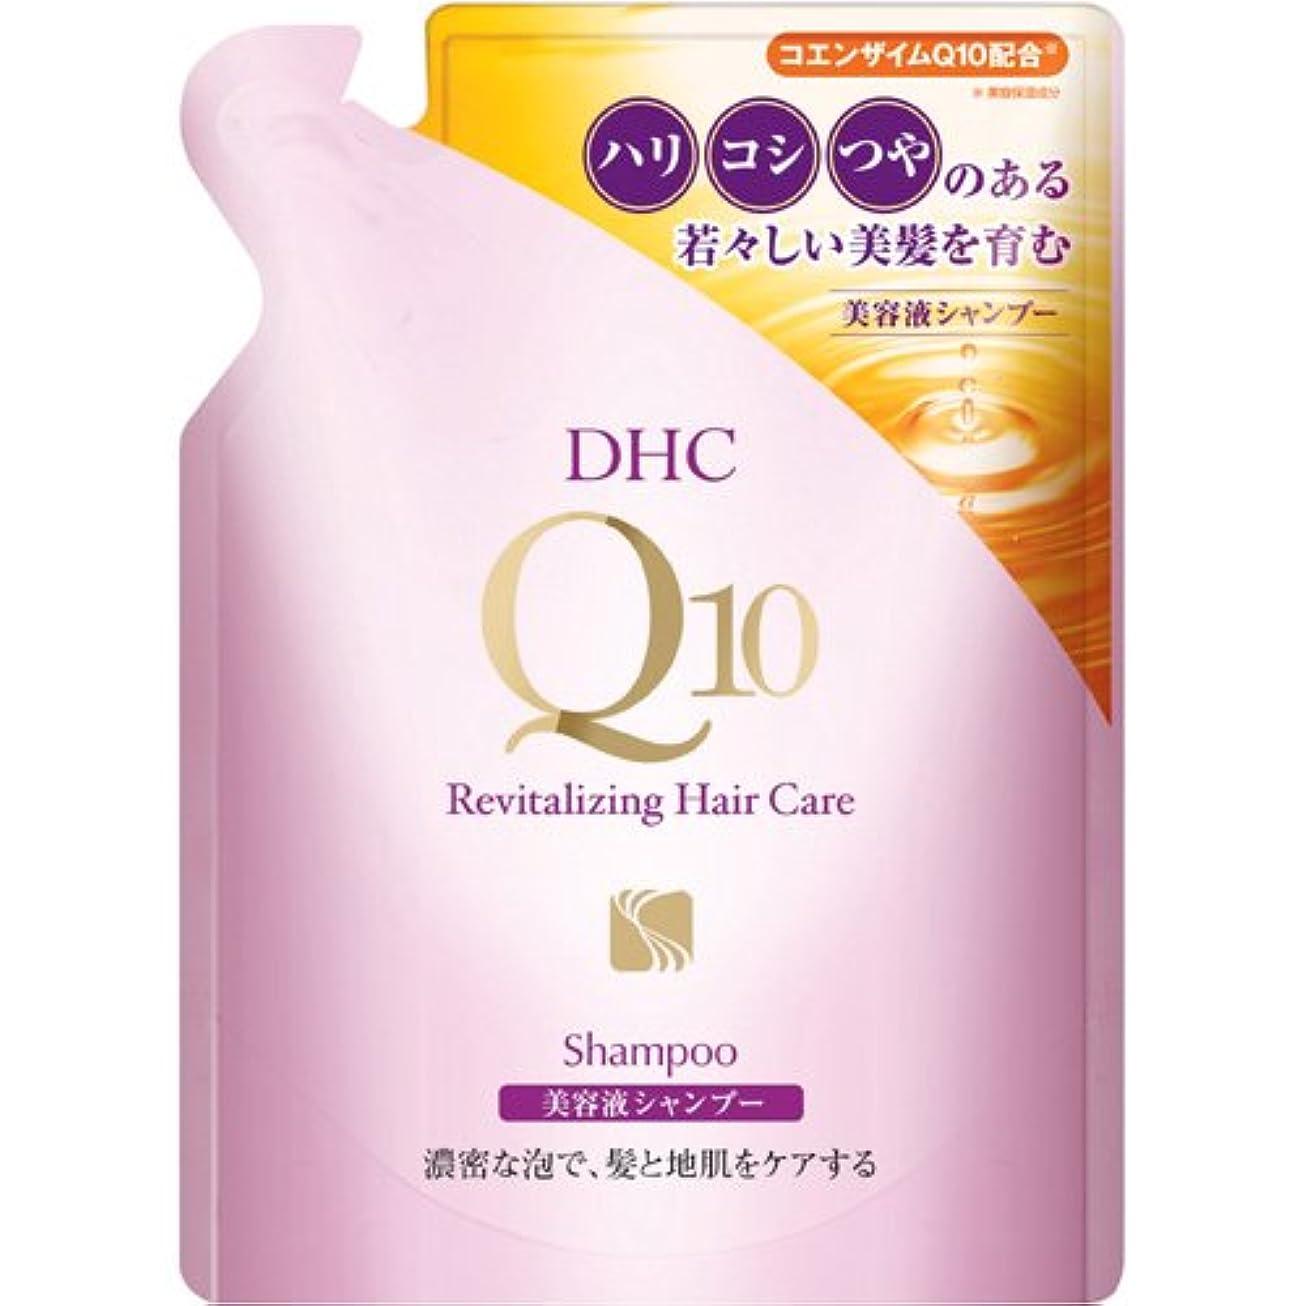 ウルルエリートプロフィールDHC Q10美容液 シャンプー 詰め替え用 (SS) 240ml